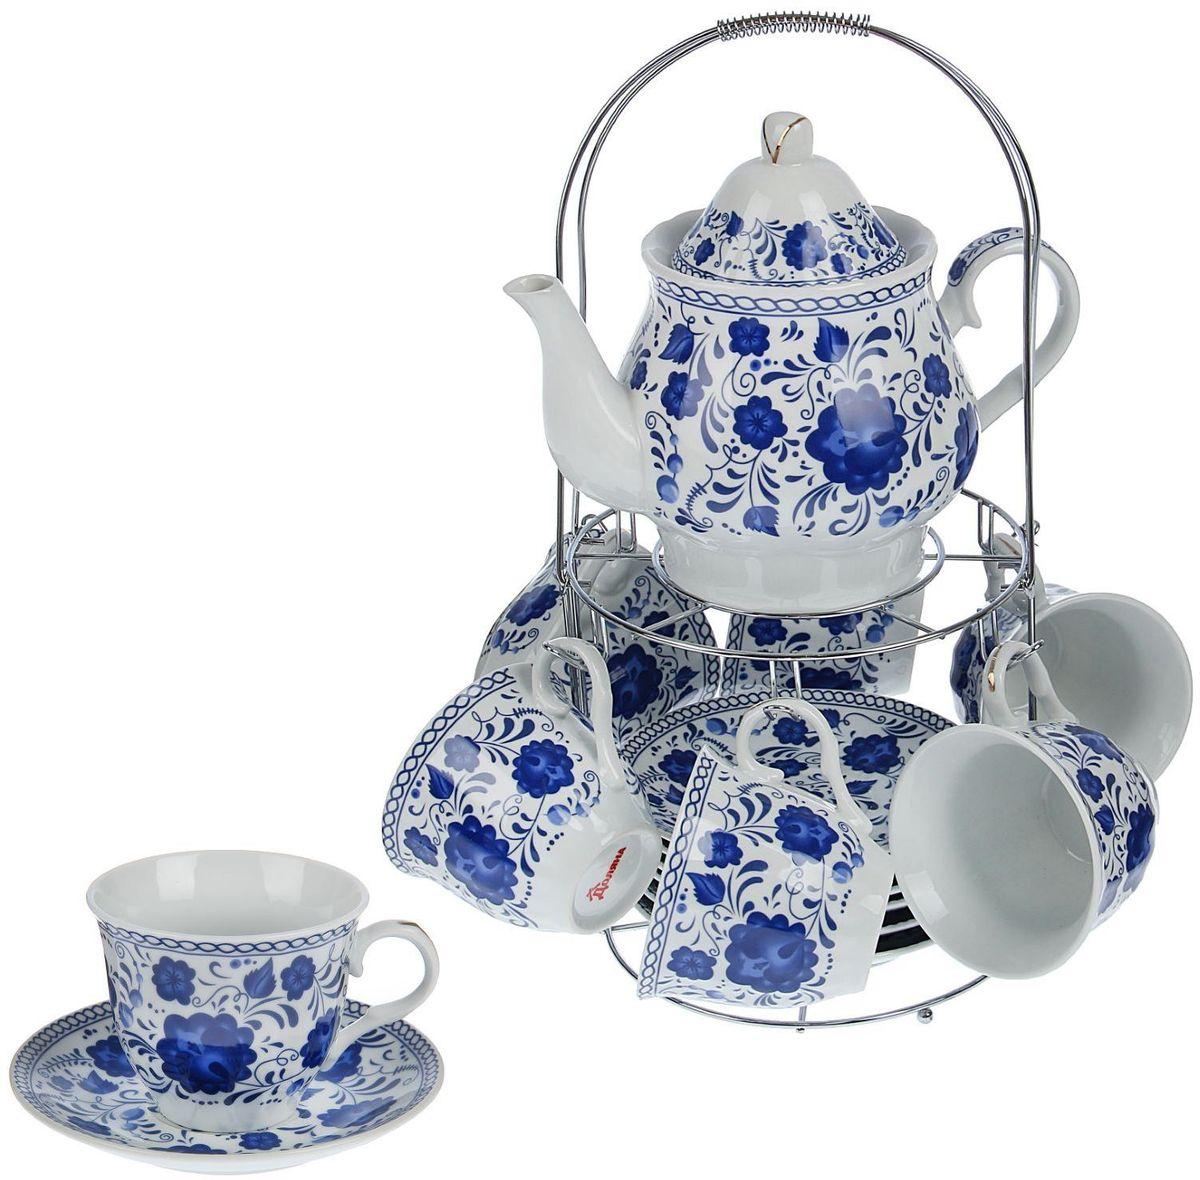 Сервиз чайный Доляна Гжель, 13 предметовVT-1520(SR)Сервиз чайный Доляна Гжель состоит из 6 чашек, 6 блюдец и металлической подставки. Предметы выполнены из фаянса и покрыты глазурью. Изделия украшены изысканной росписью в стиле гжель. Посуда отличается прозрачностью и белизной, она неприхотлива и не требует особых условий хранения. Подходит для ежедневного использования. Оригинальный сервиз привнесет в дом атмосферу уюта и гостеприимства и станет чудесным подарком для друзей и близких.Рекомендуется мыть вручную. Не рекомендуется использовать посуду для разогрева пищи в СВЧ-печах.